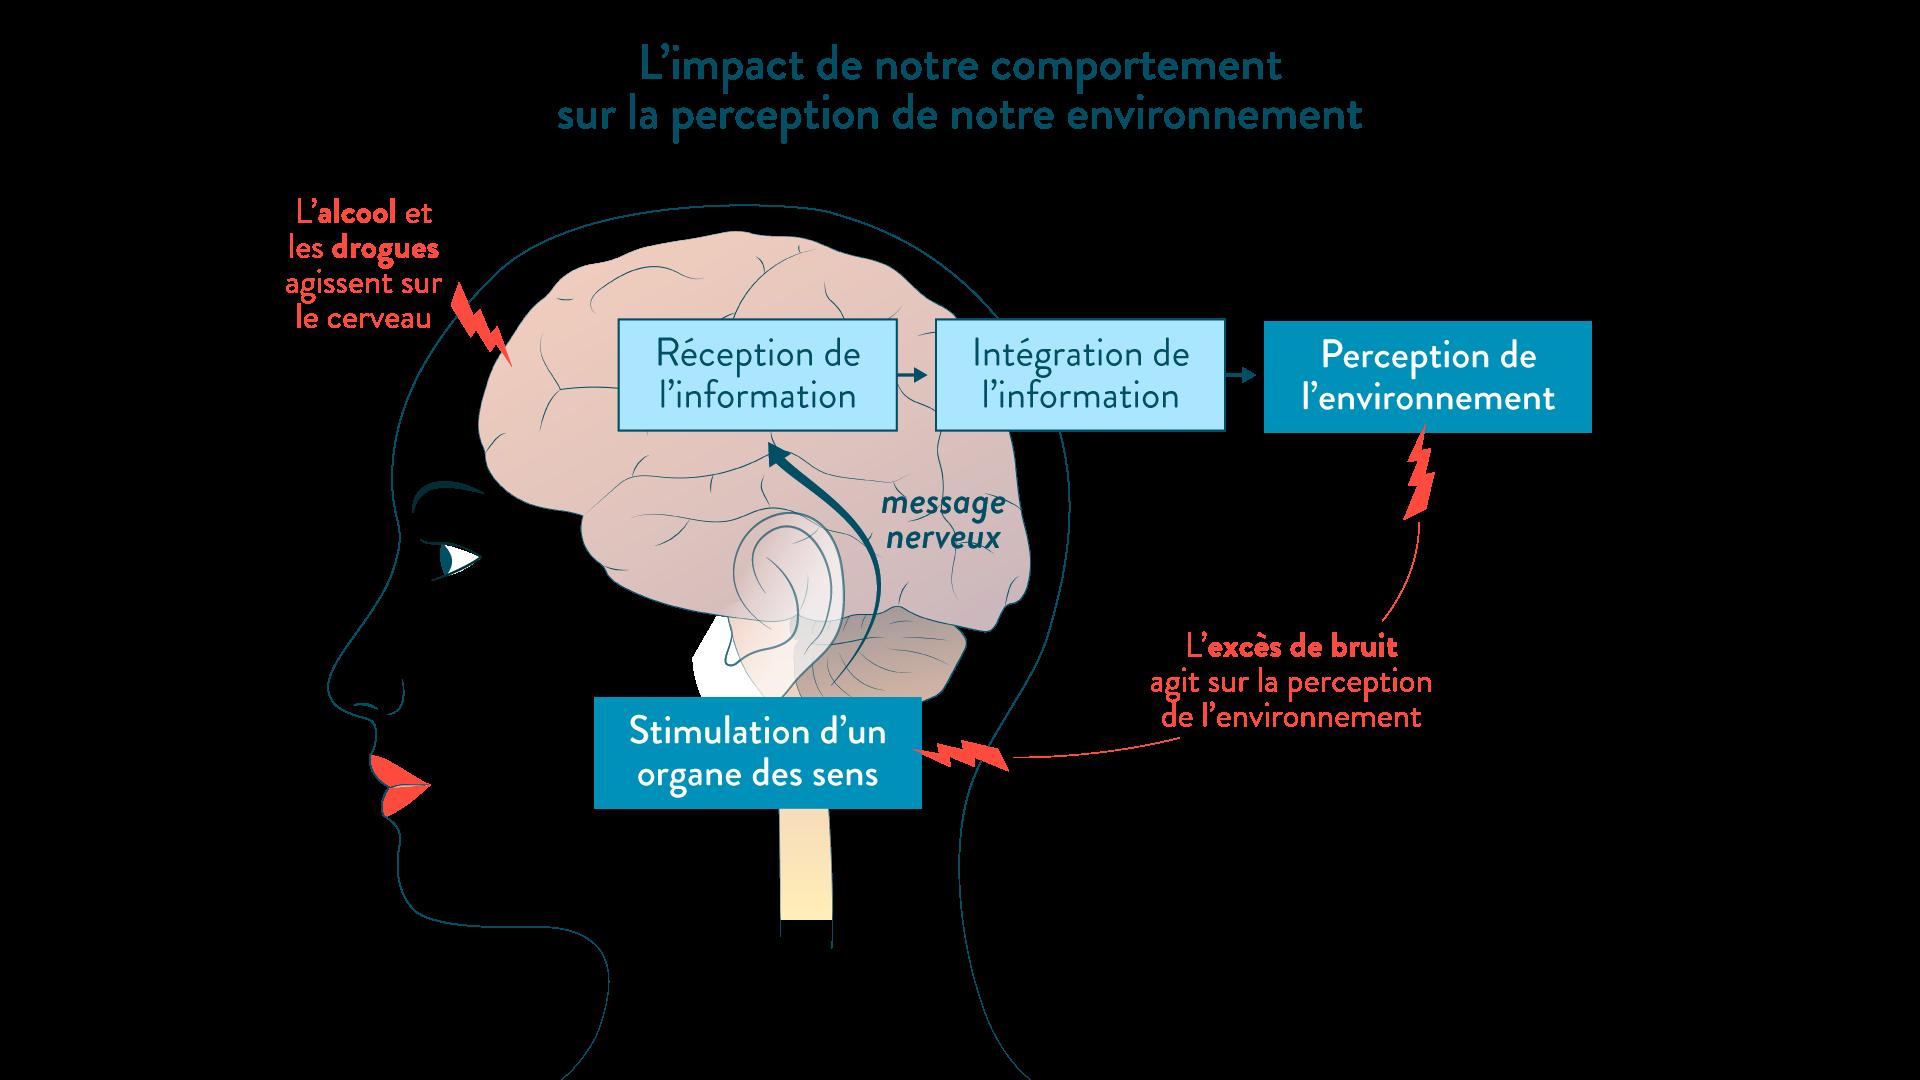 Schéma bilan : l'impact de notre comportement sur la perception de l'environnement